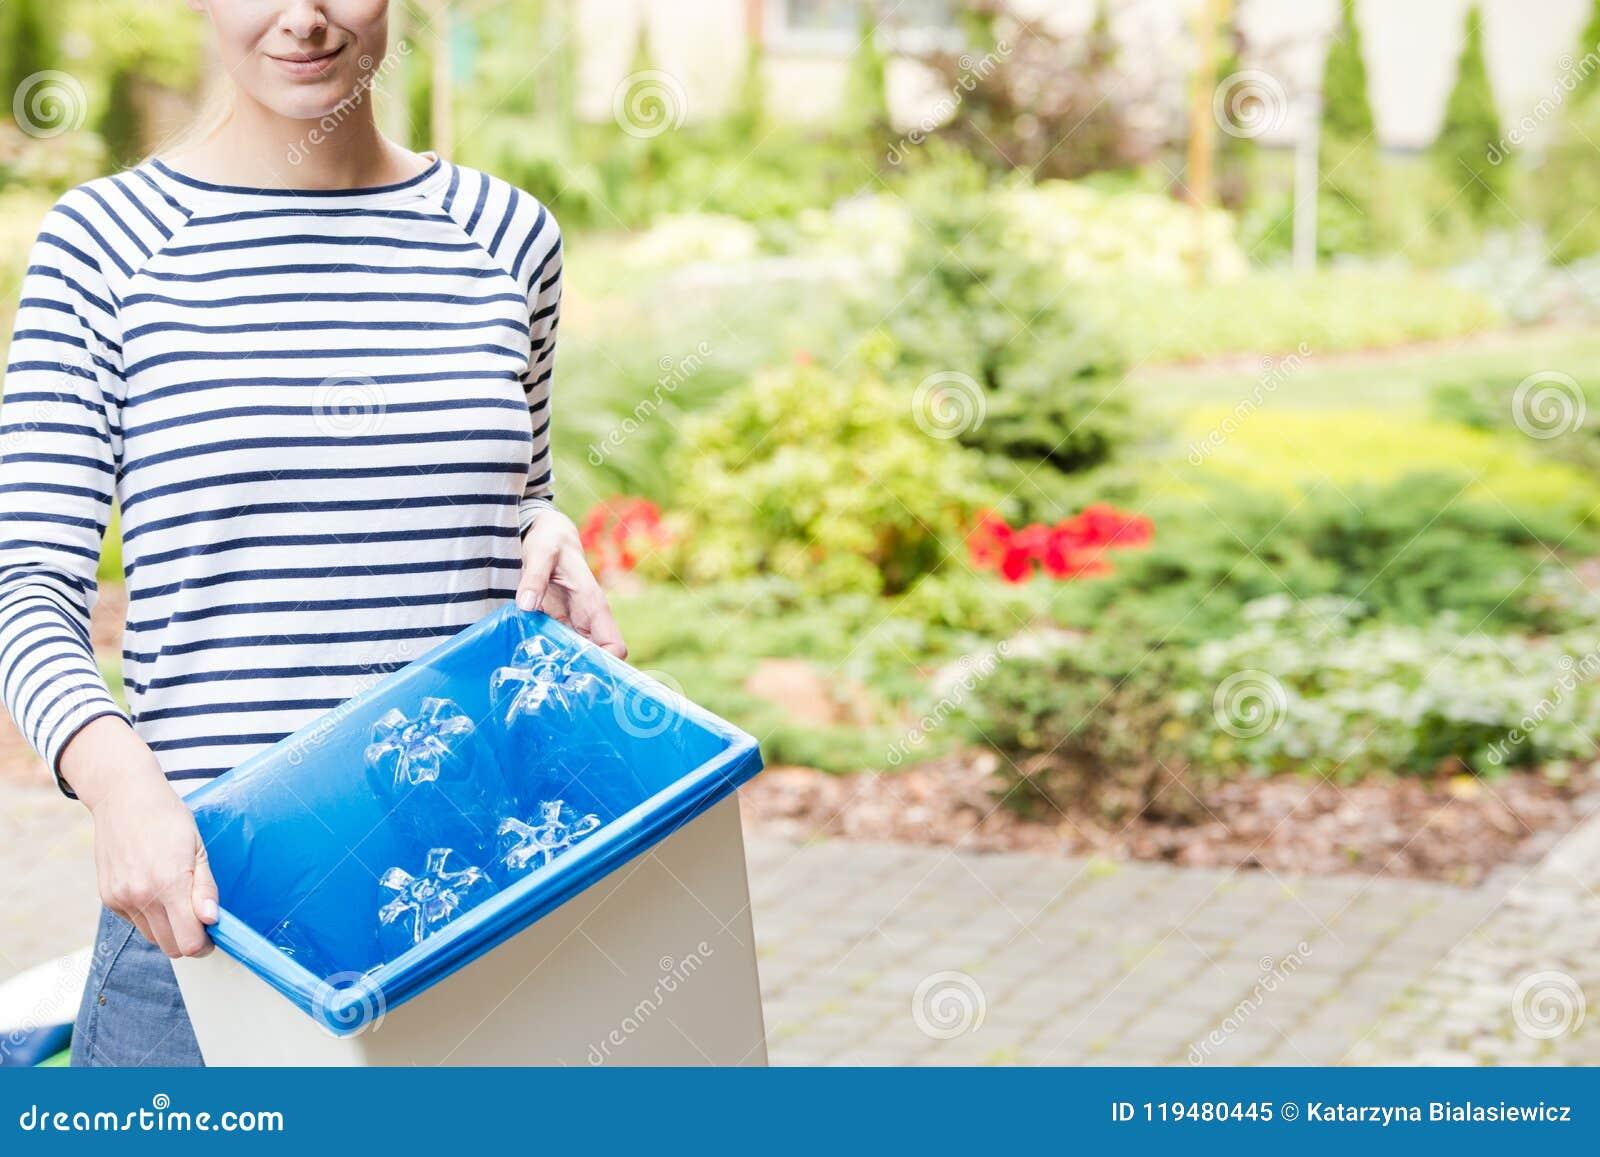 妇女分离垃圾